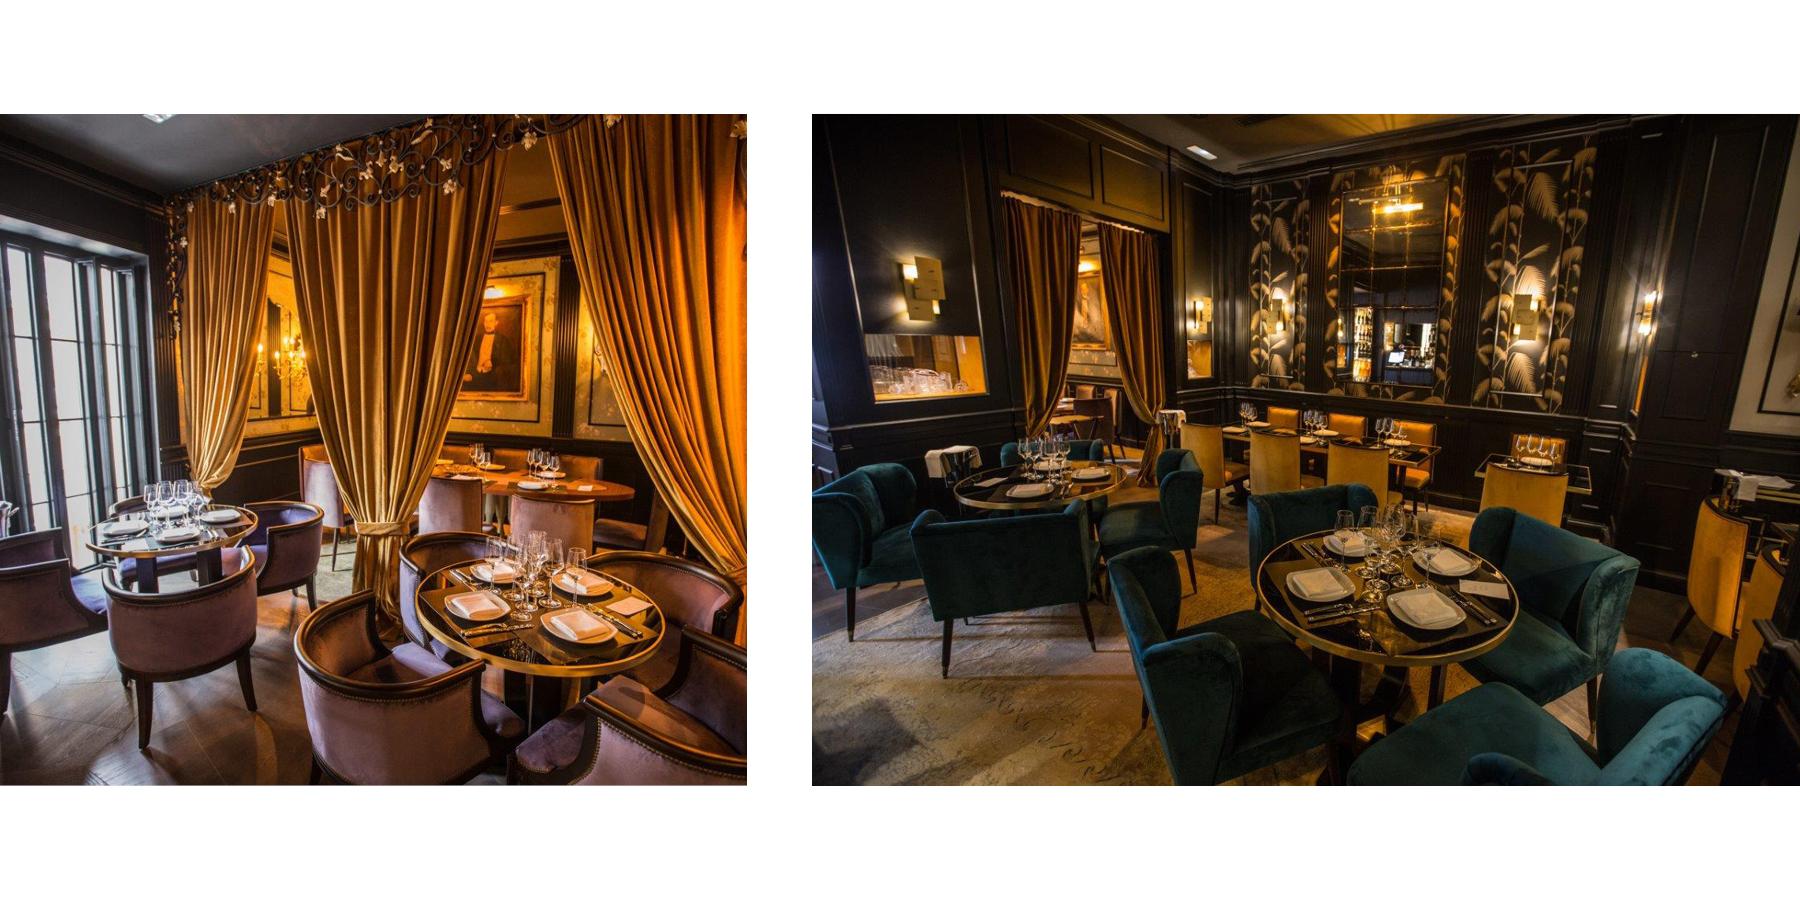 Restaurante (Ibiza)